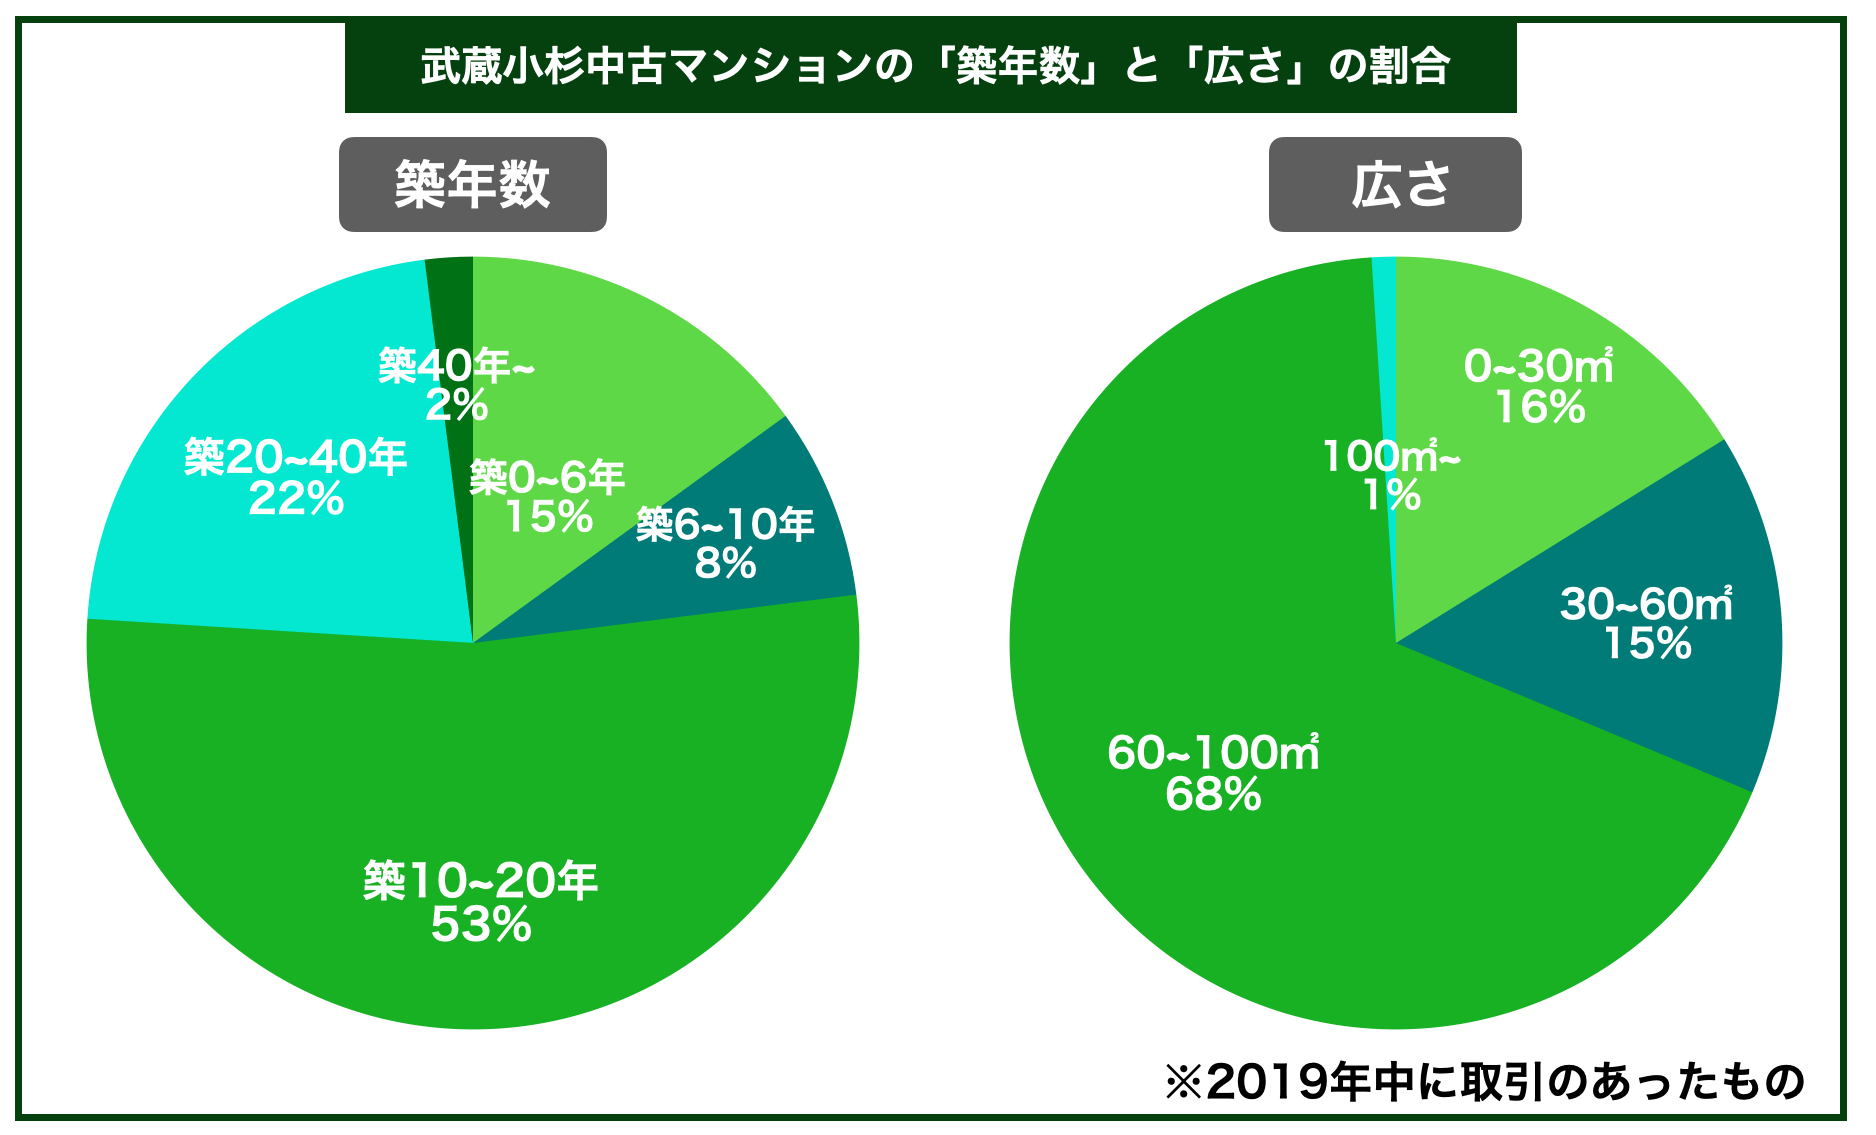 武蔵小杉中古マンション築年数広さ割合